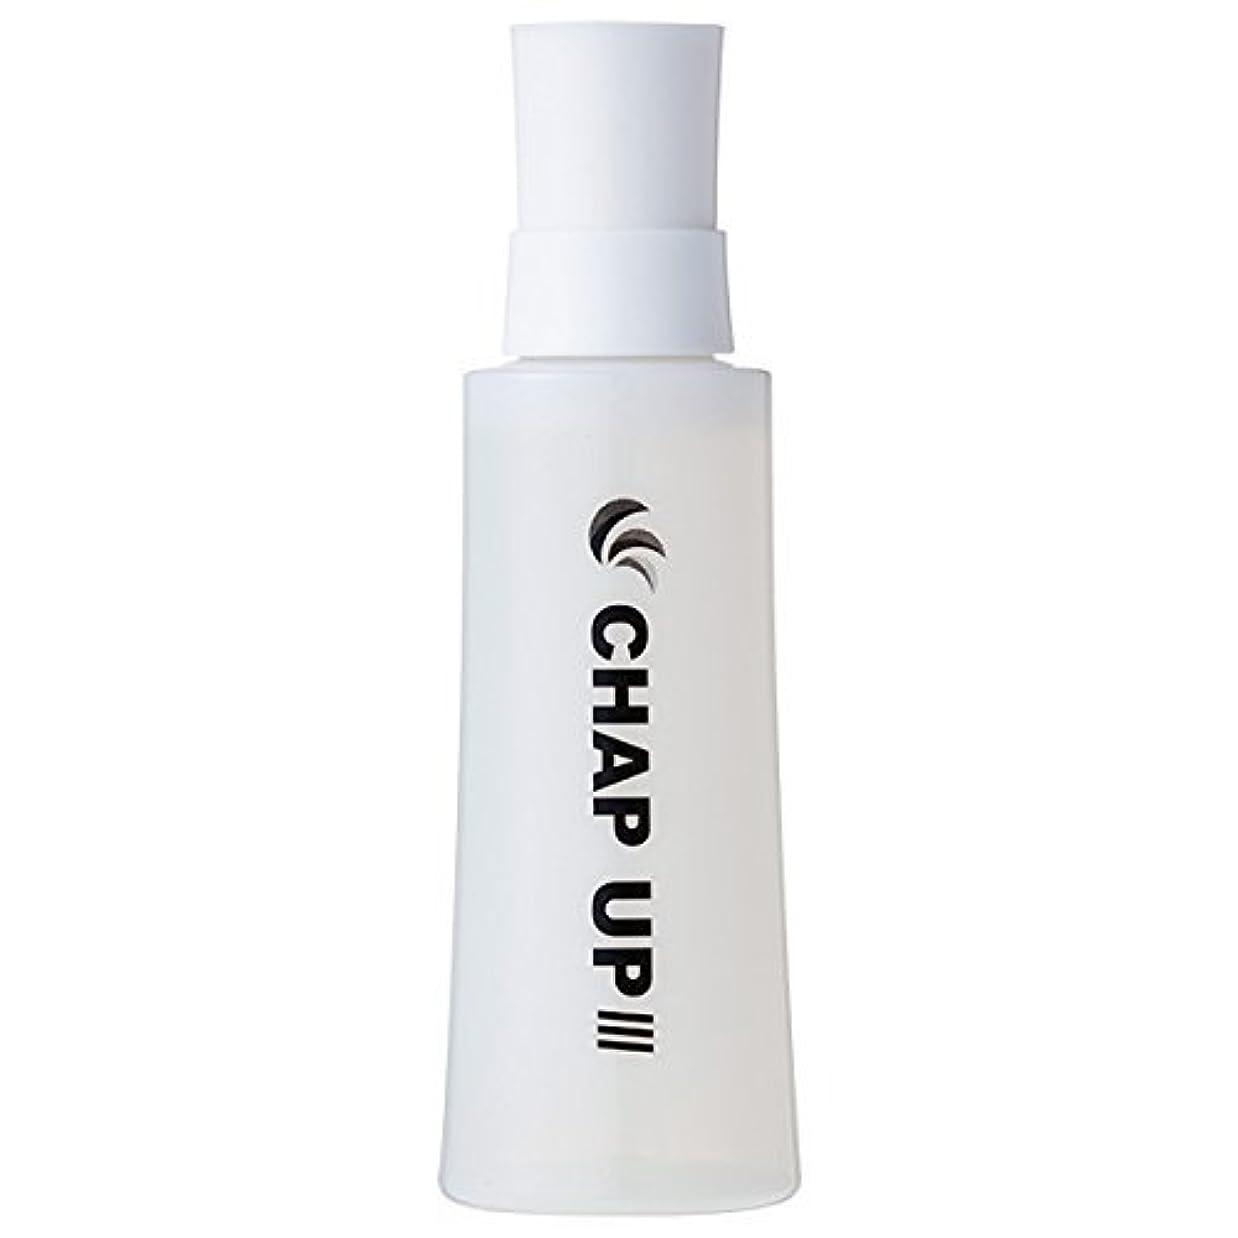 まっすぐ爪思いつく【医薬部外品】育毛剤チャップアップ(CHAPUP)(返金保証シール付_育毛ローション)お試し1本